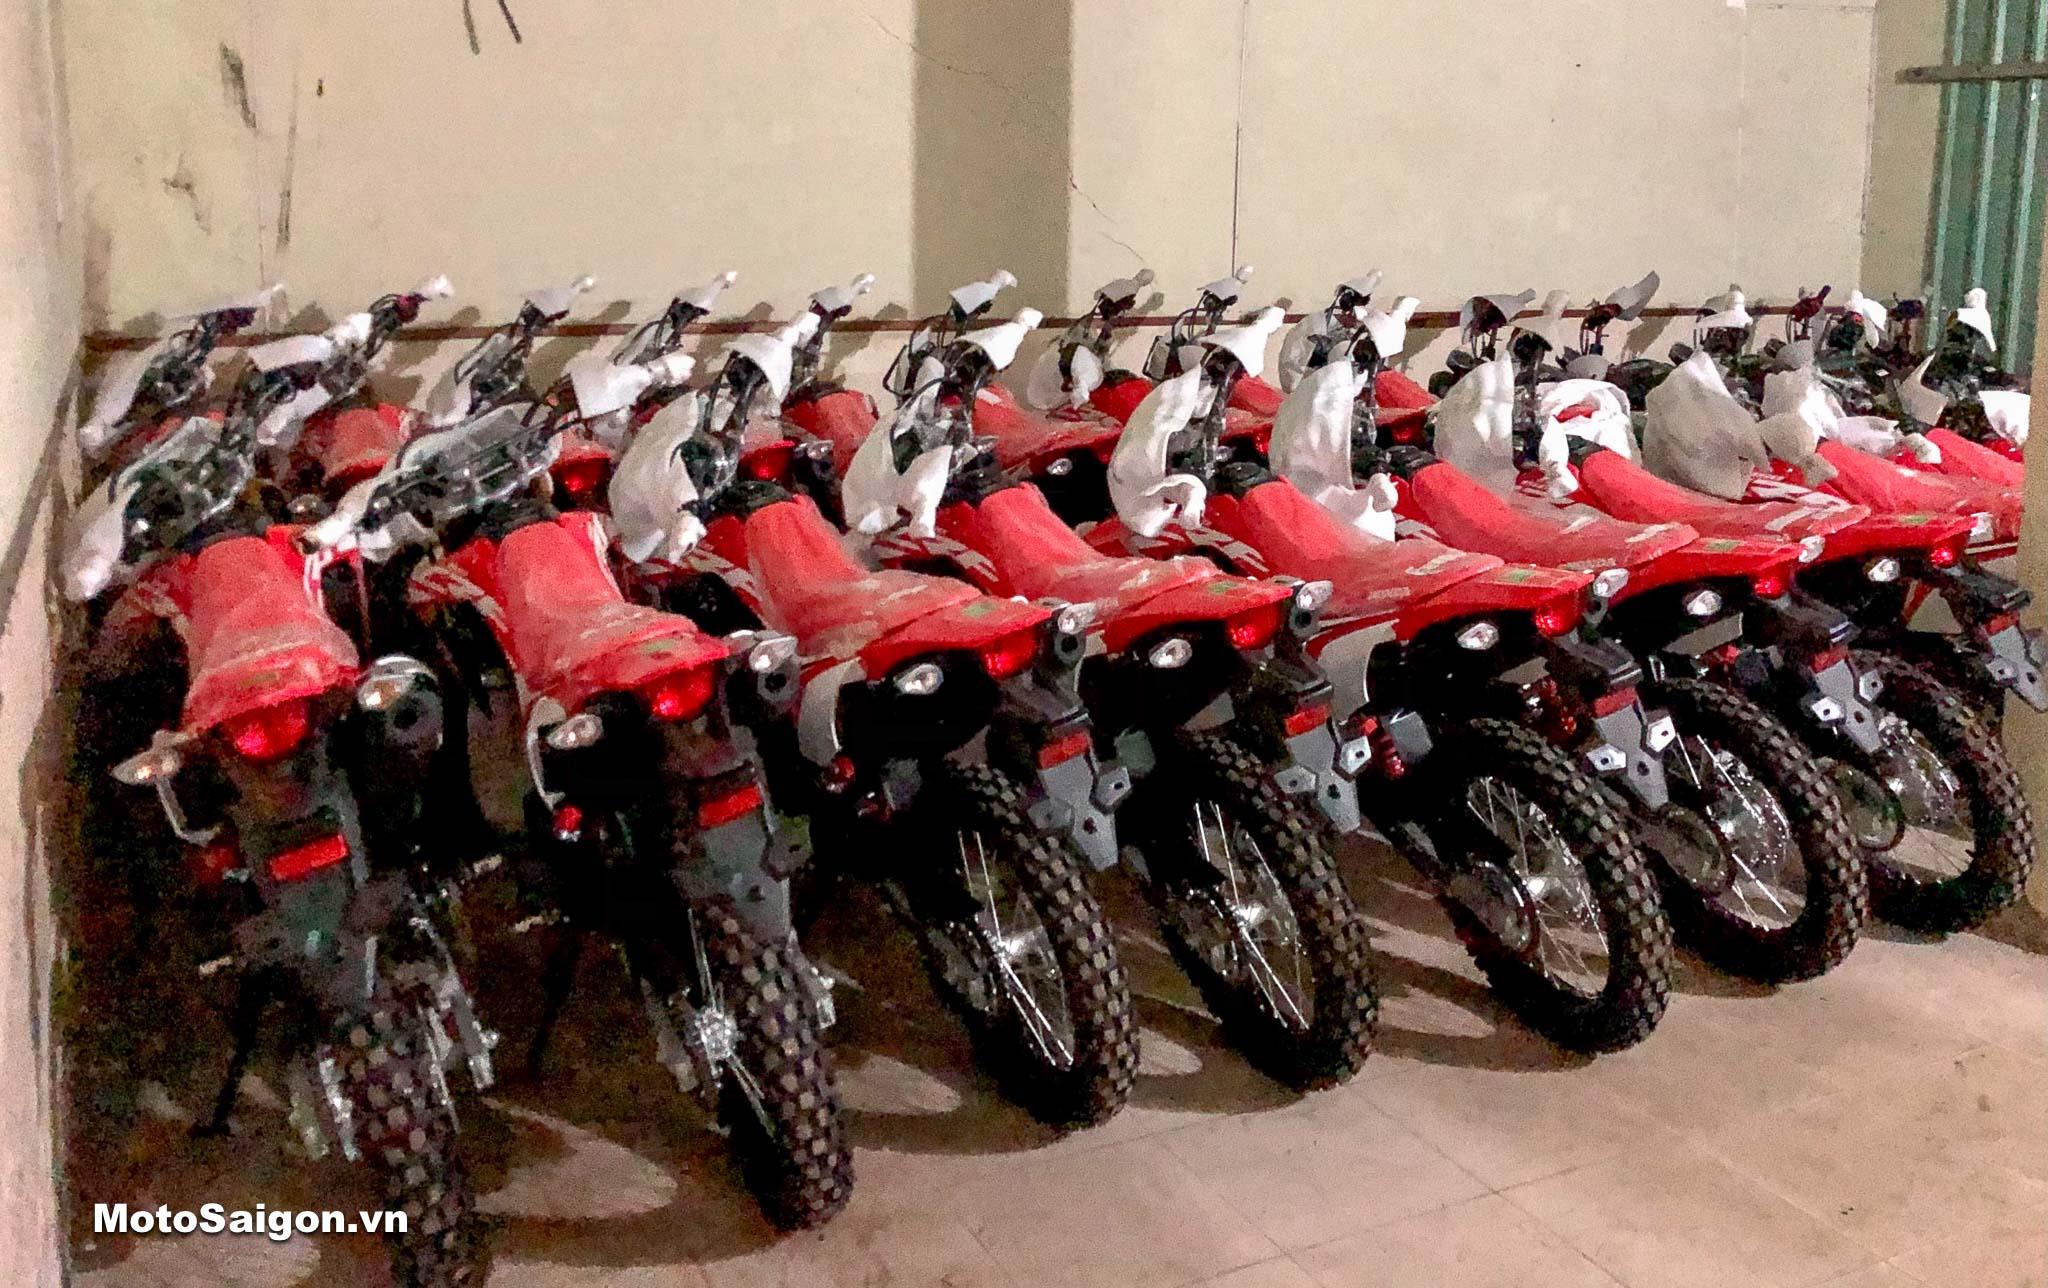 Honda CRF150L 2021 giá bán hấp dẫn